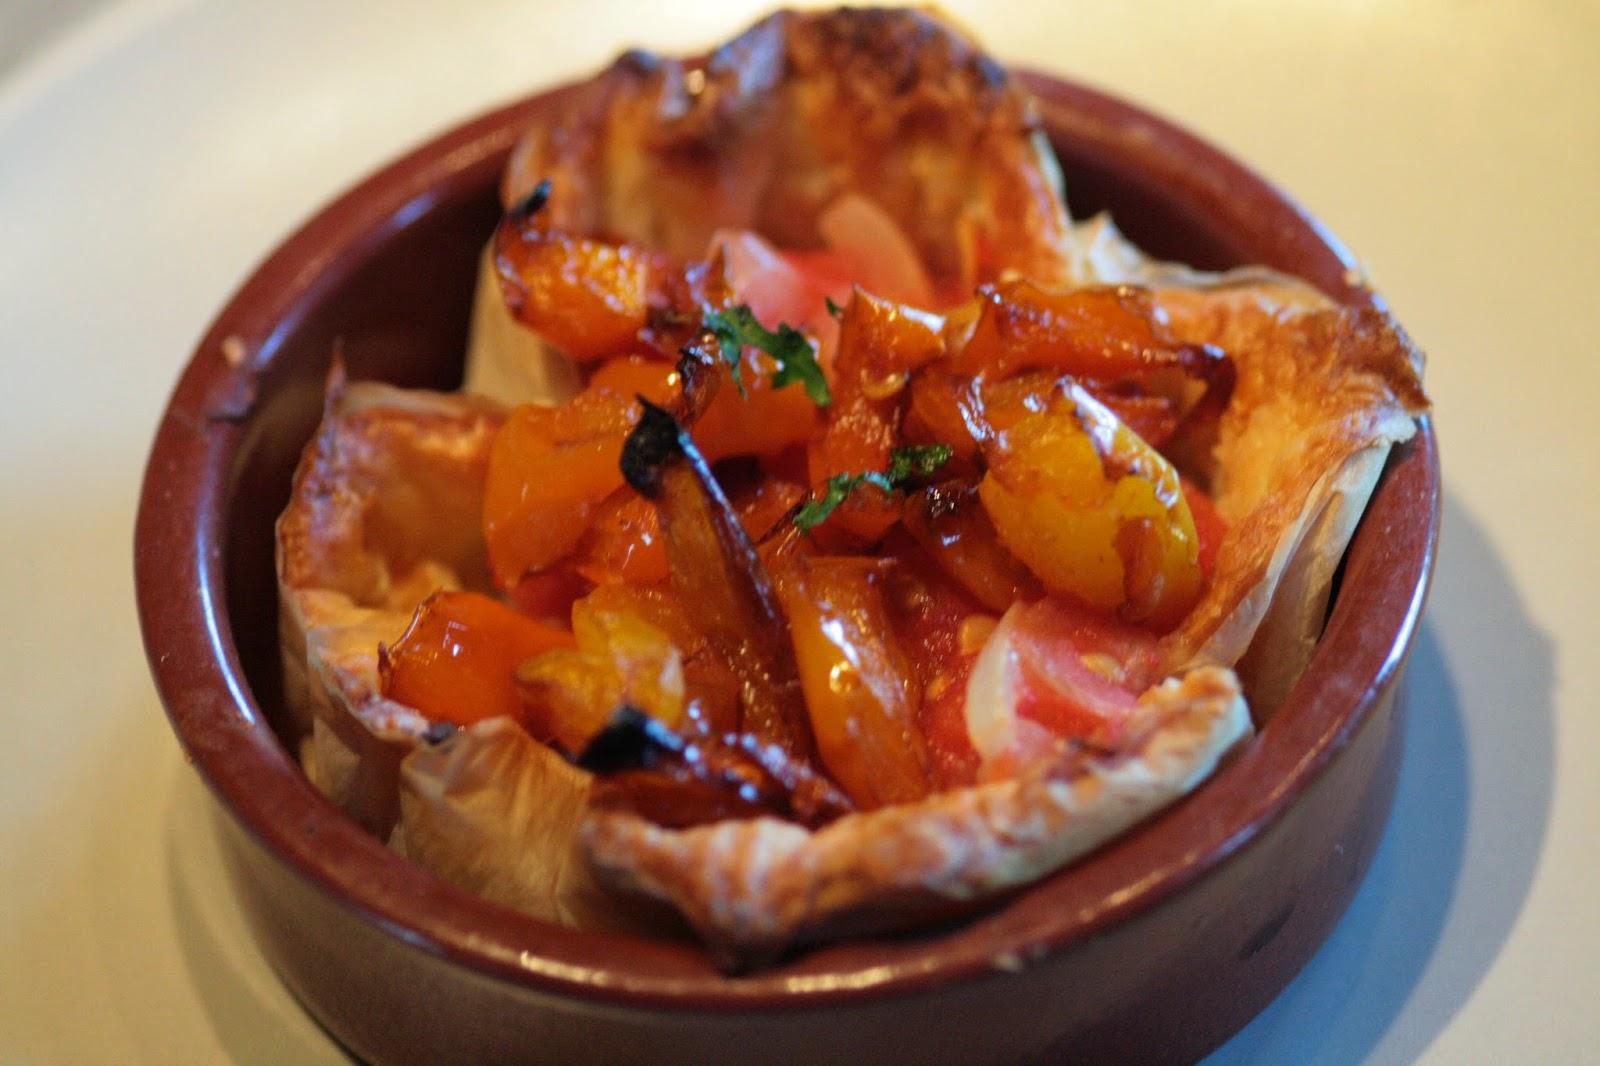 Vin de pissenlit une entr e sympa tartelette tomates for Entree sympa pour repas entre amis